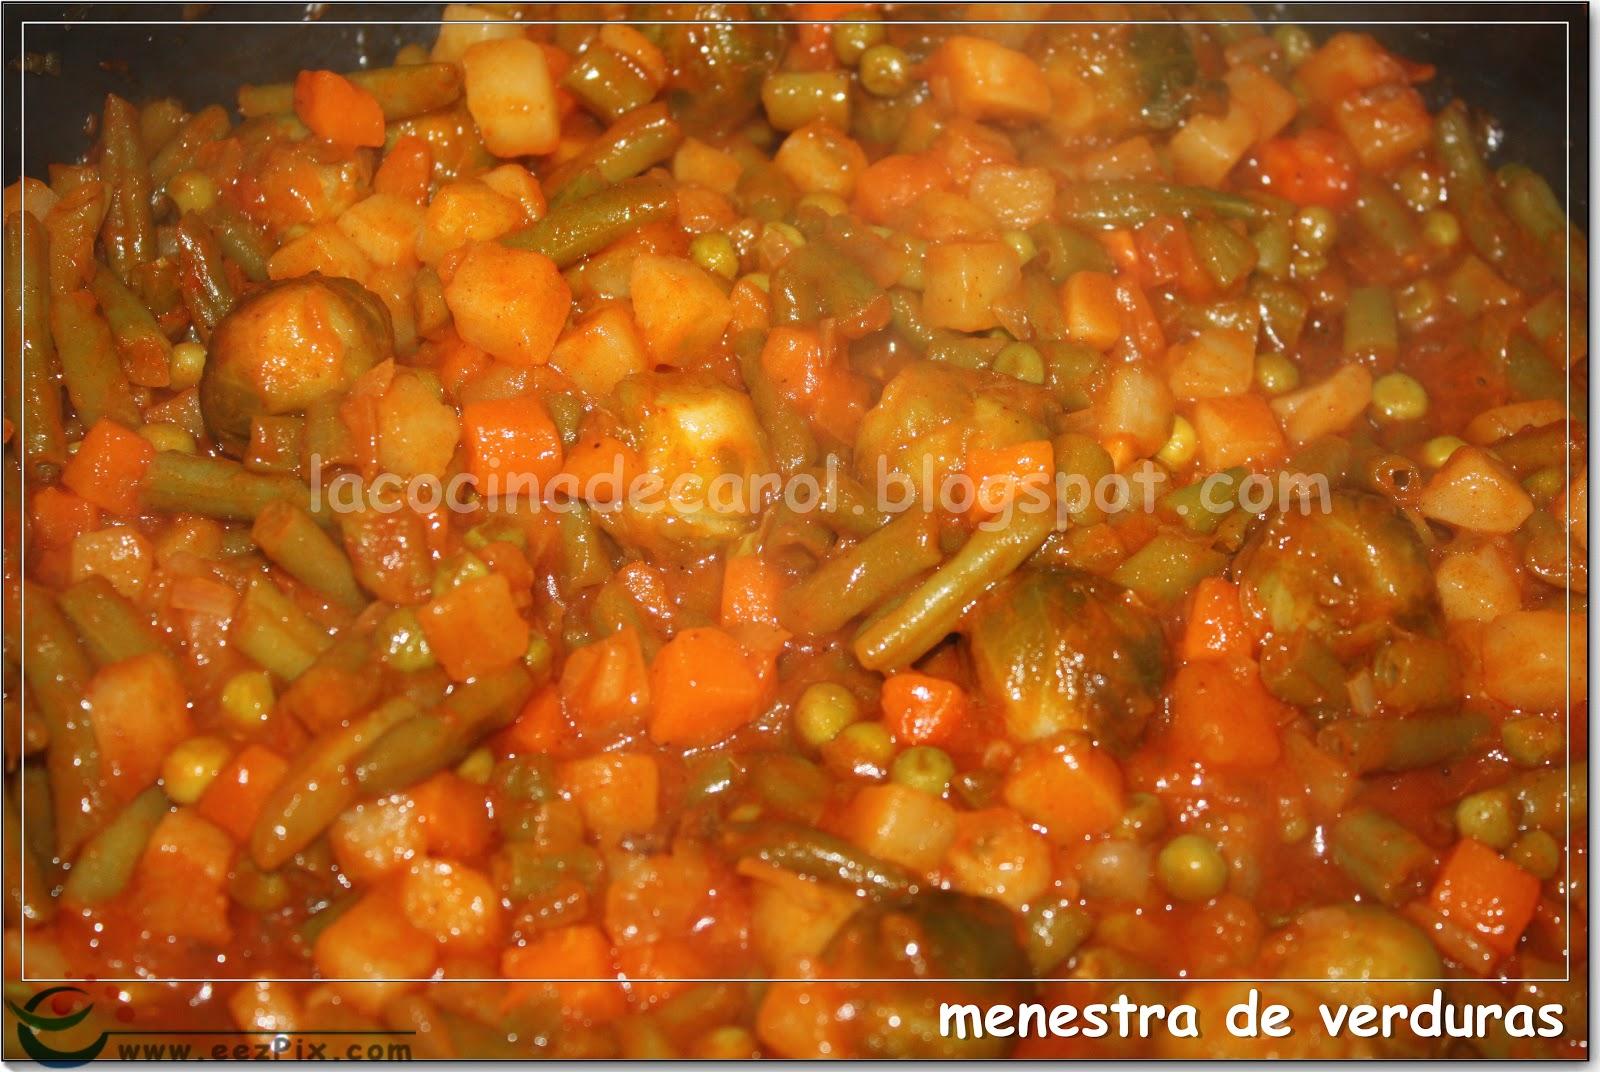 La cocina de carol menestra de verduras - Menestra de verduras en texturas ...